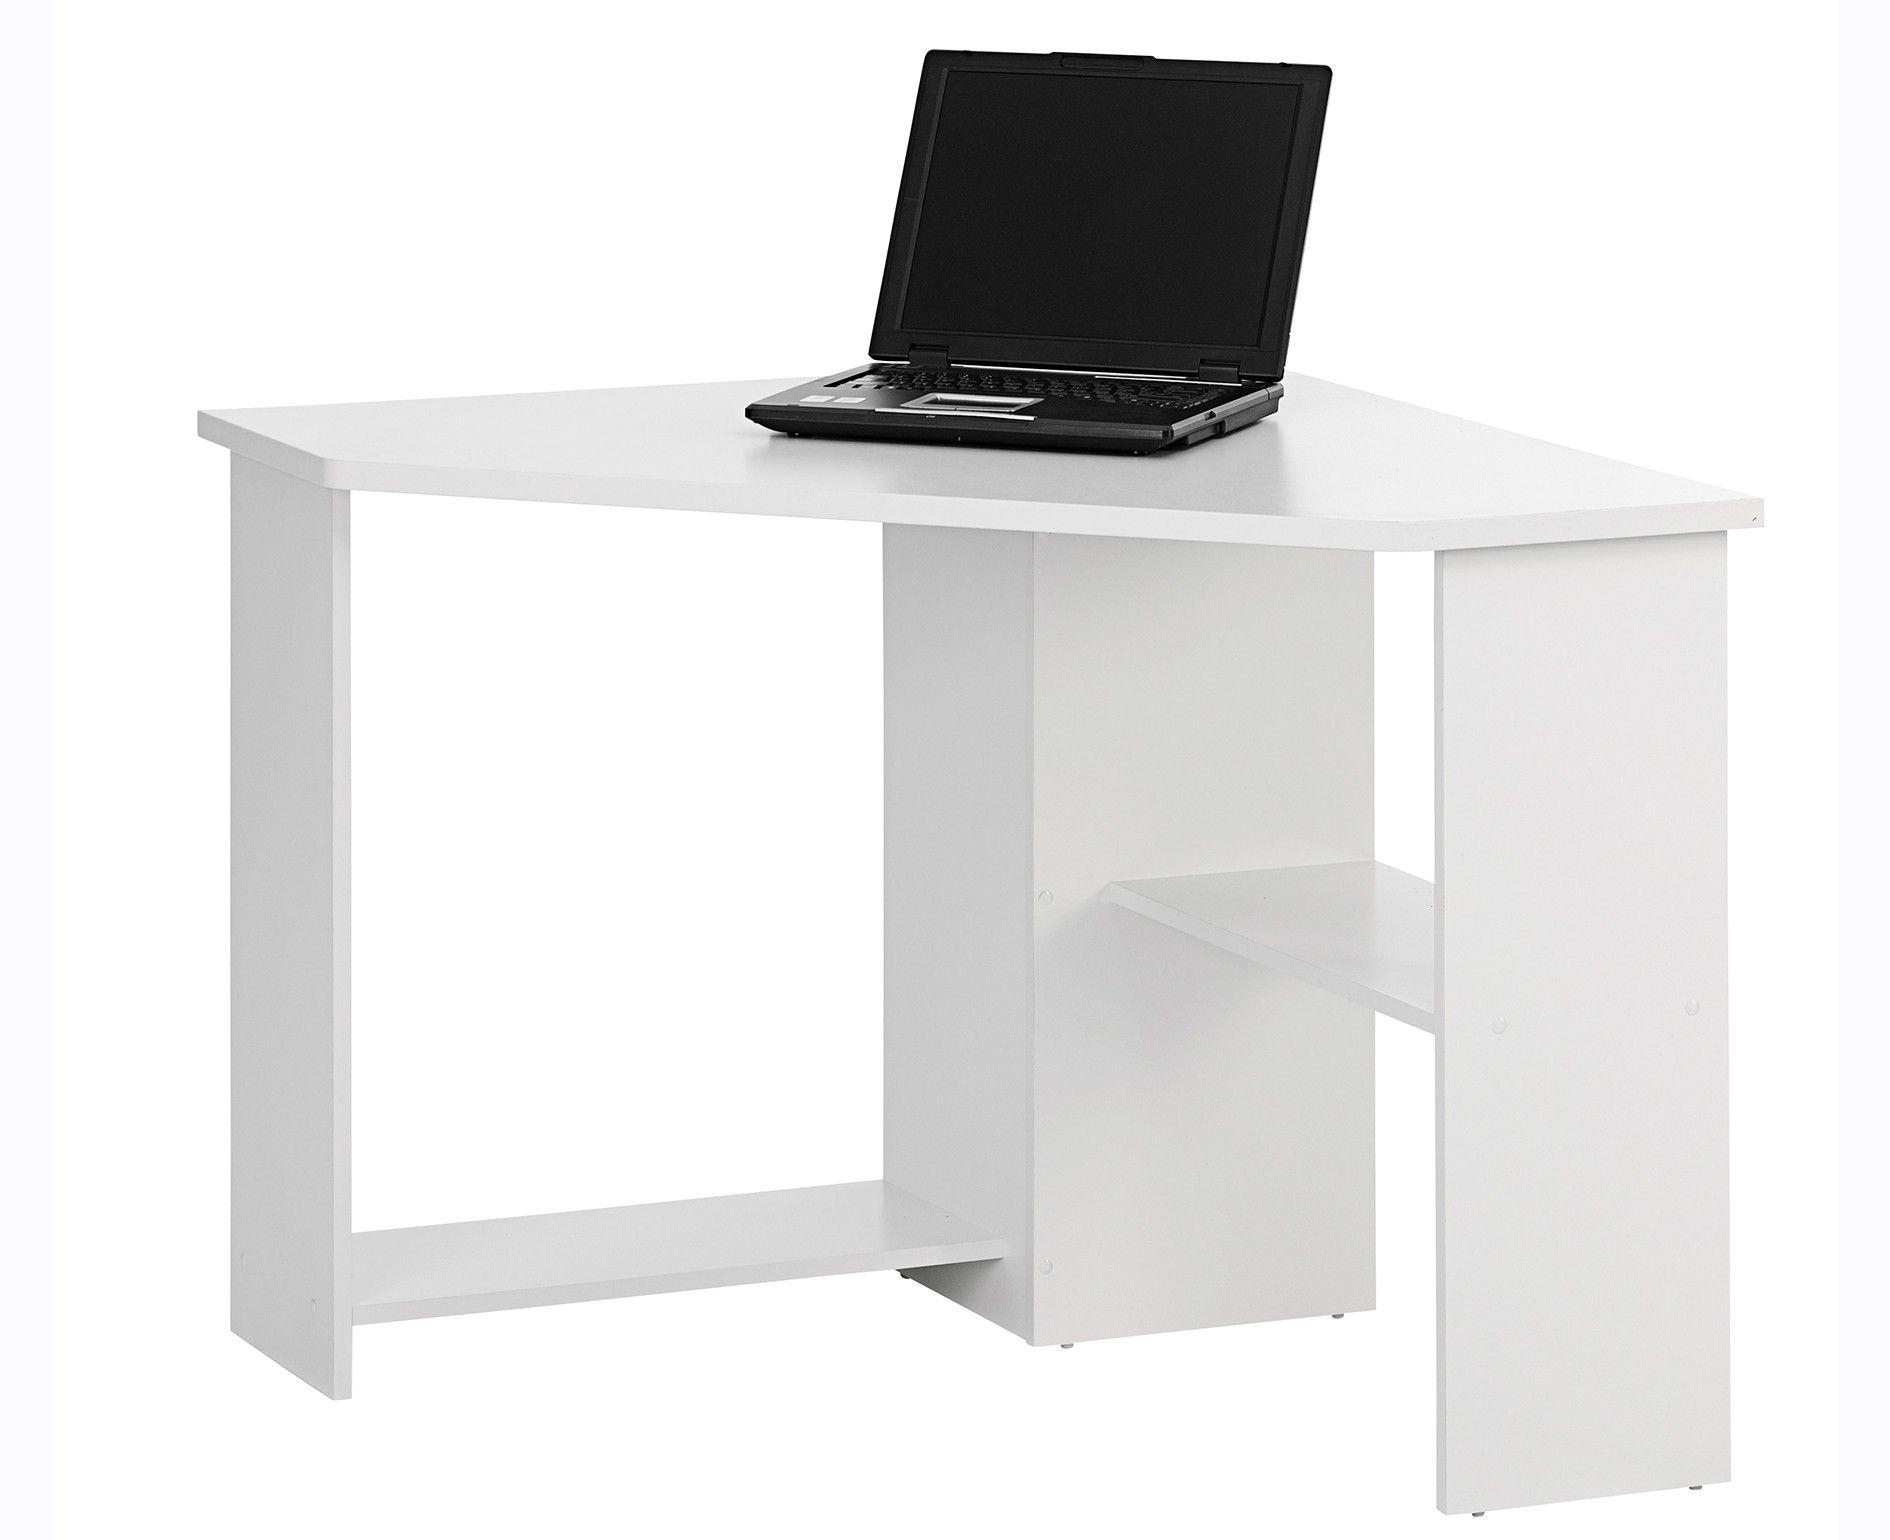 space saving home office furniture. Bray Corner Home Office Desk - Desks Furniture \u0026 Storage Space Saving